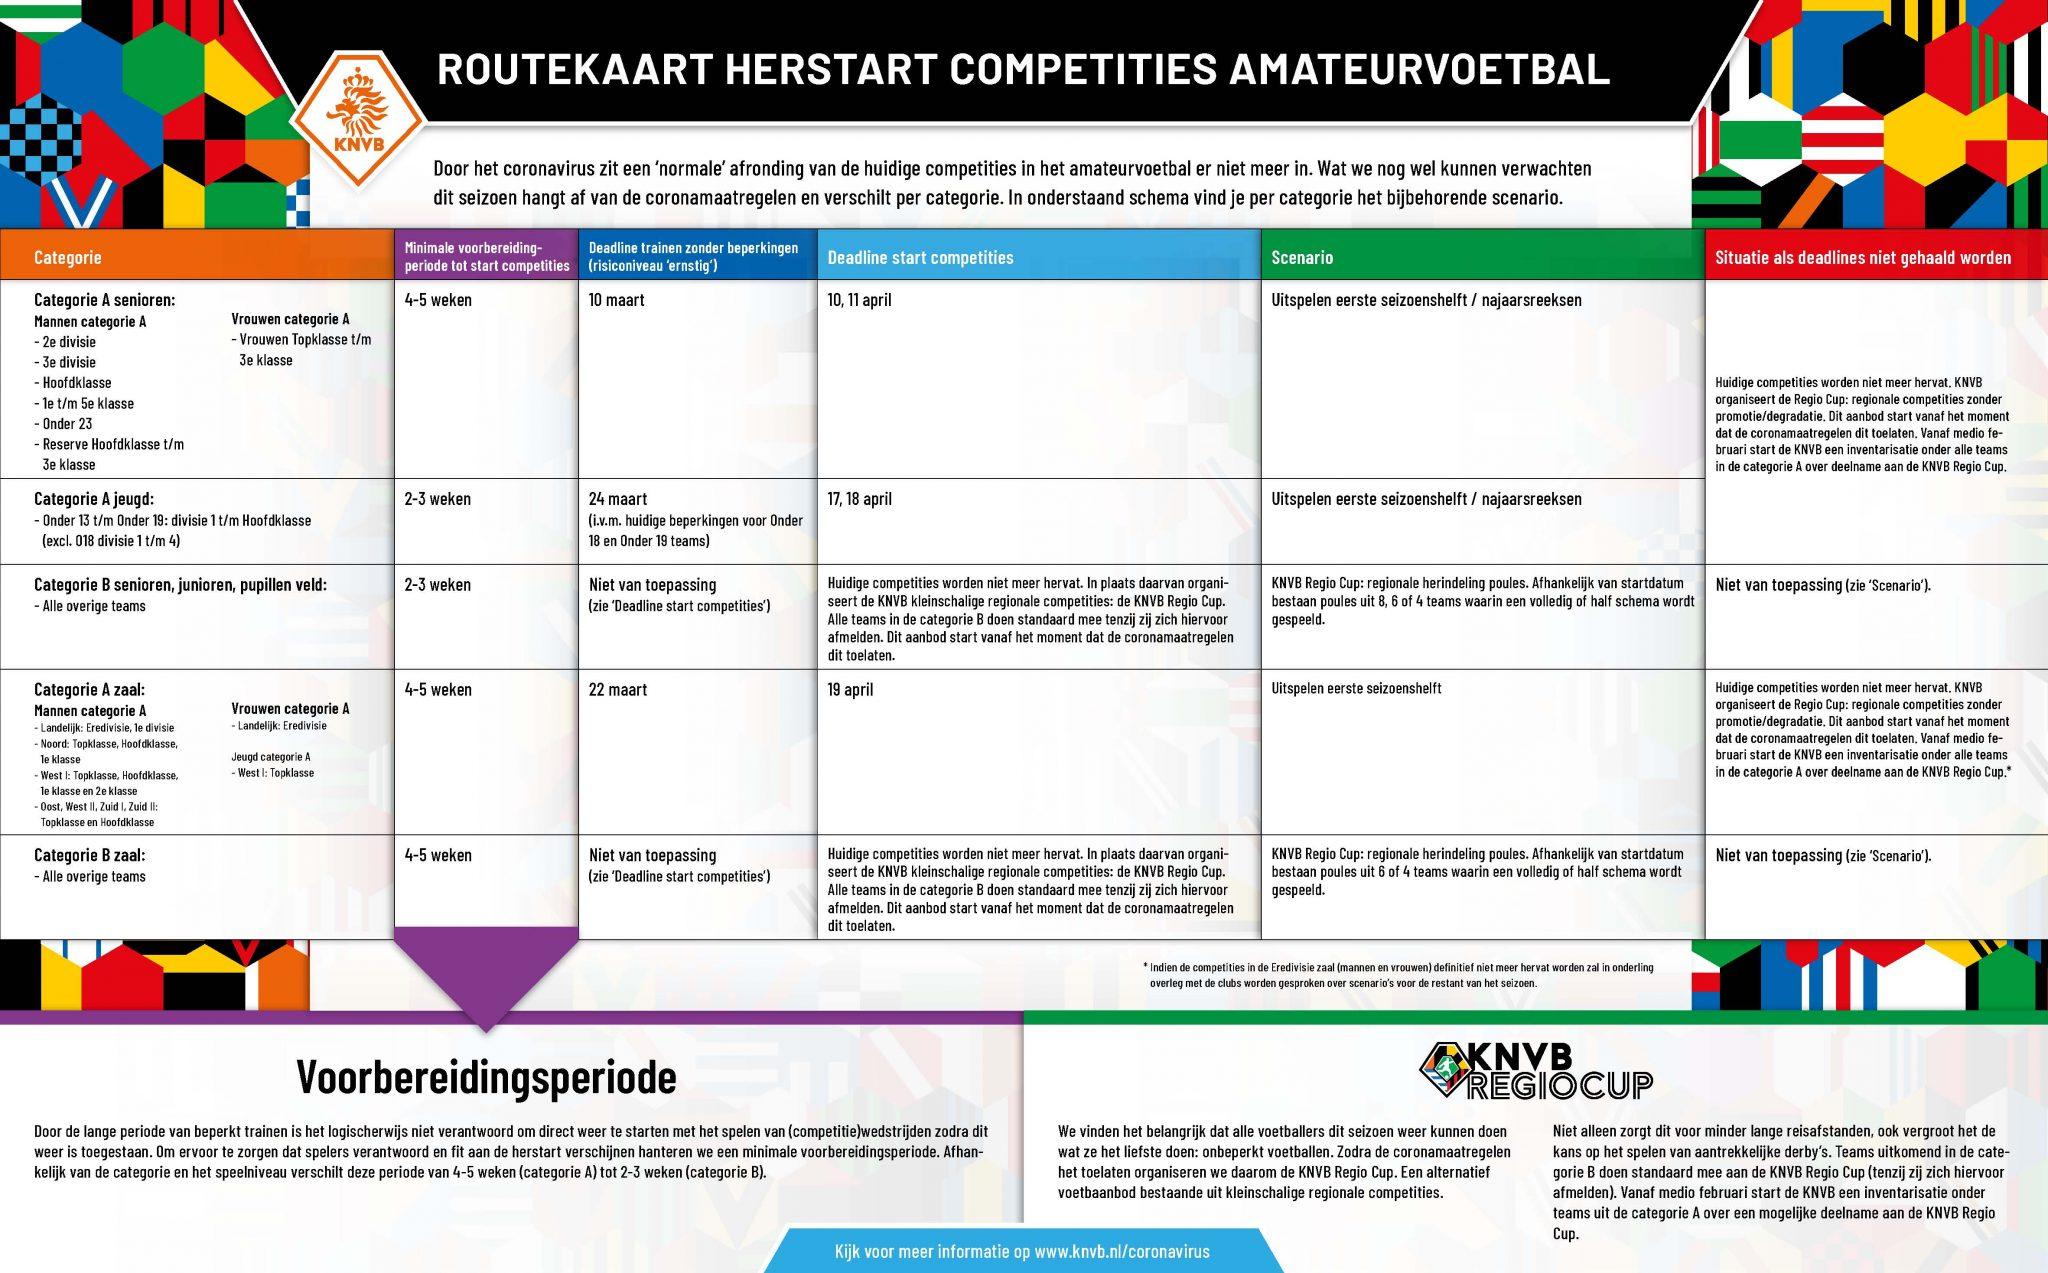 Routekaart herstart competities